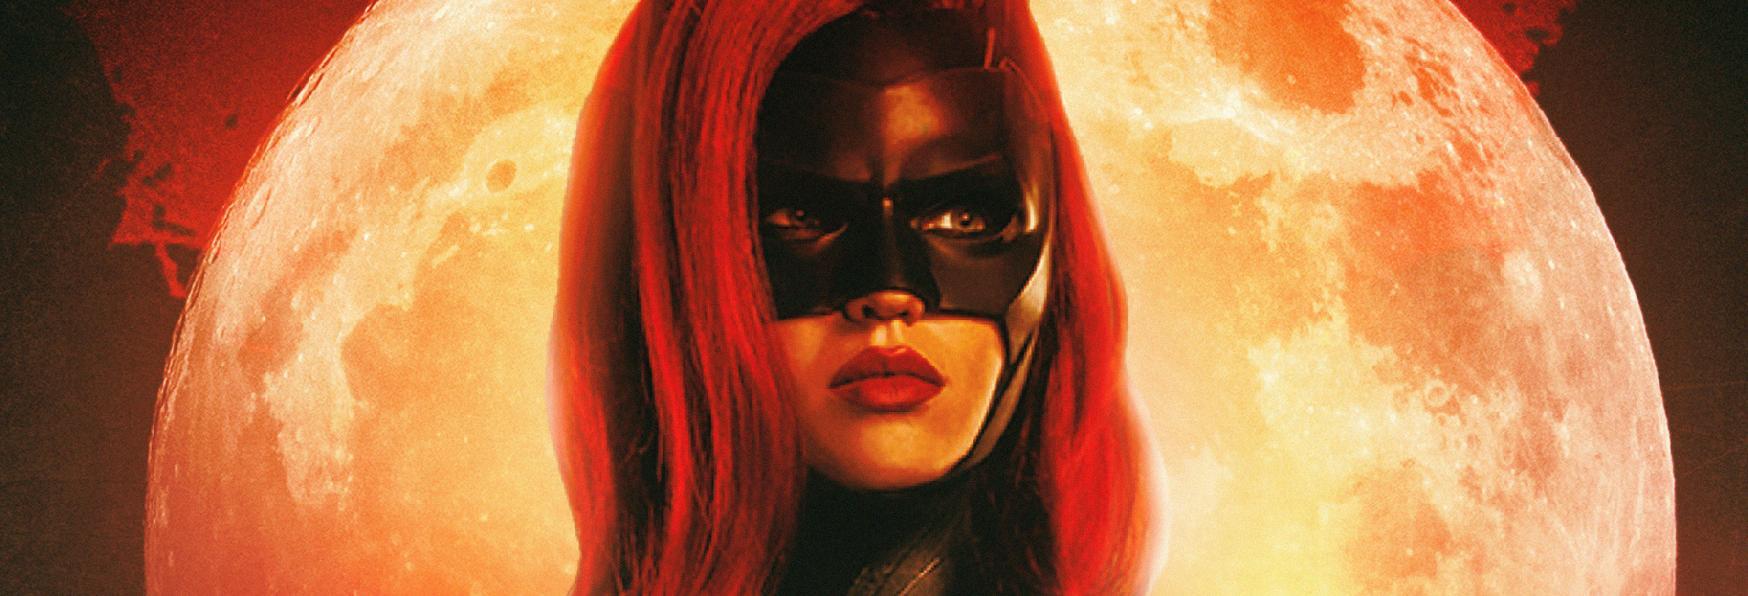 Batwoman: la Rete The CW annuncia la Data Ufficiale della Premiere